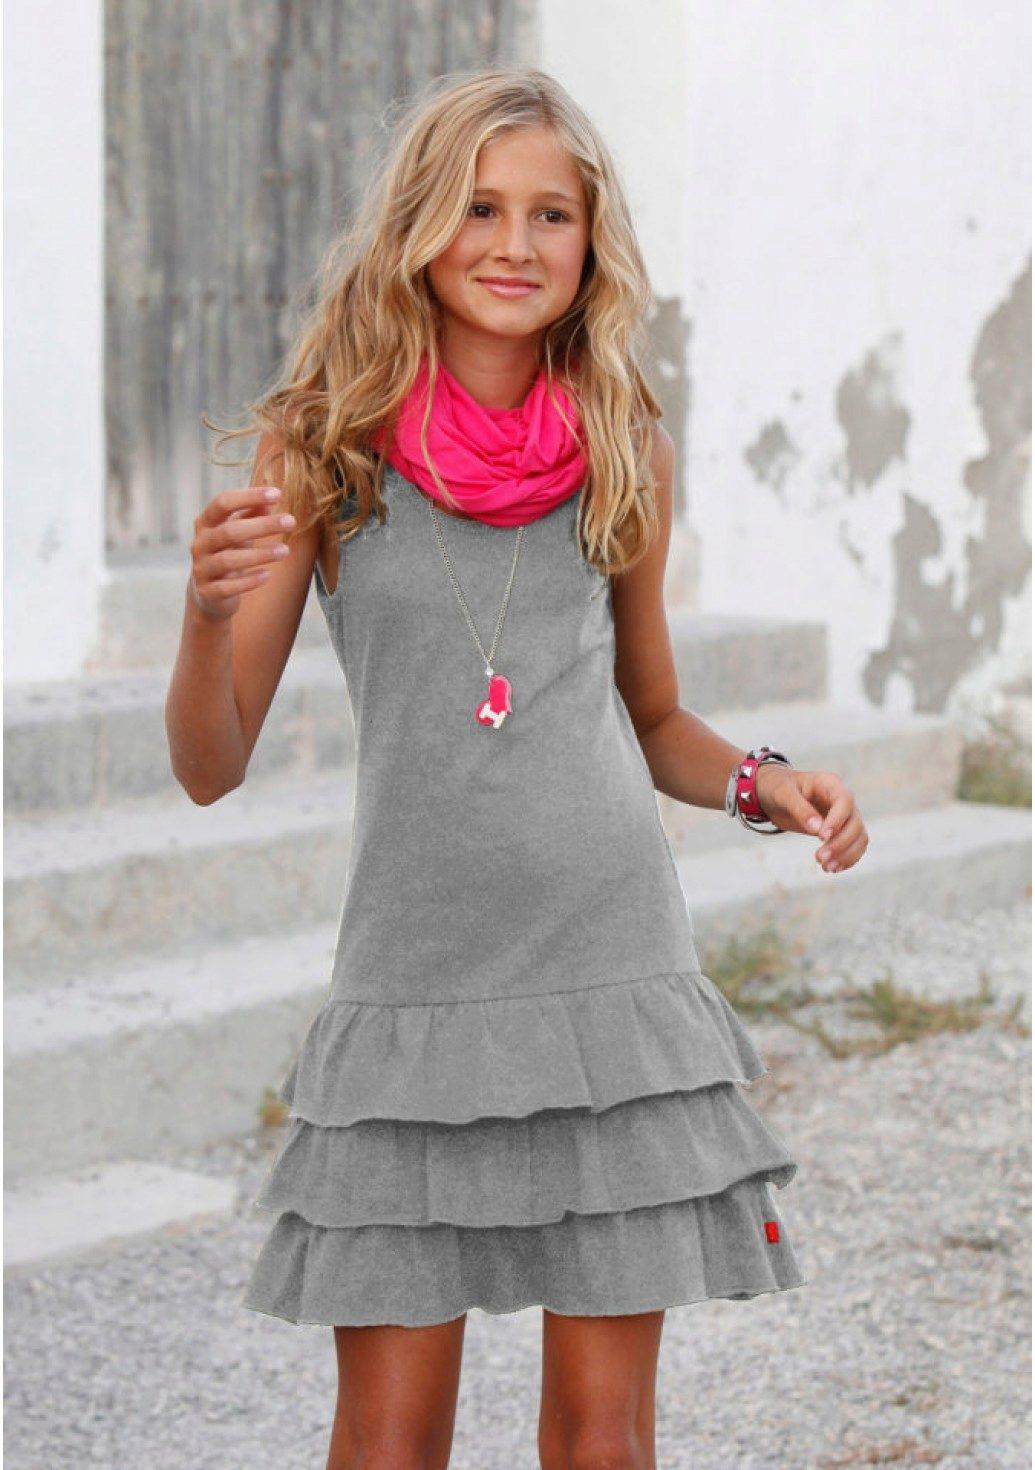 c5b833f8694 Трикотажные платья для девочек  платья из трикотажа для 2